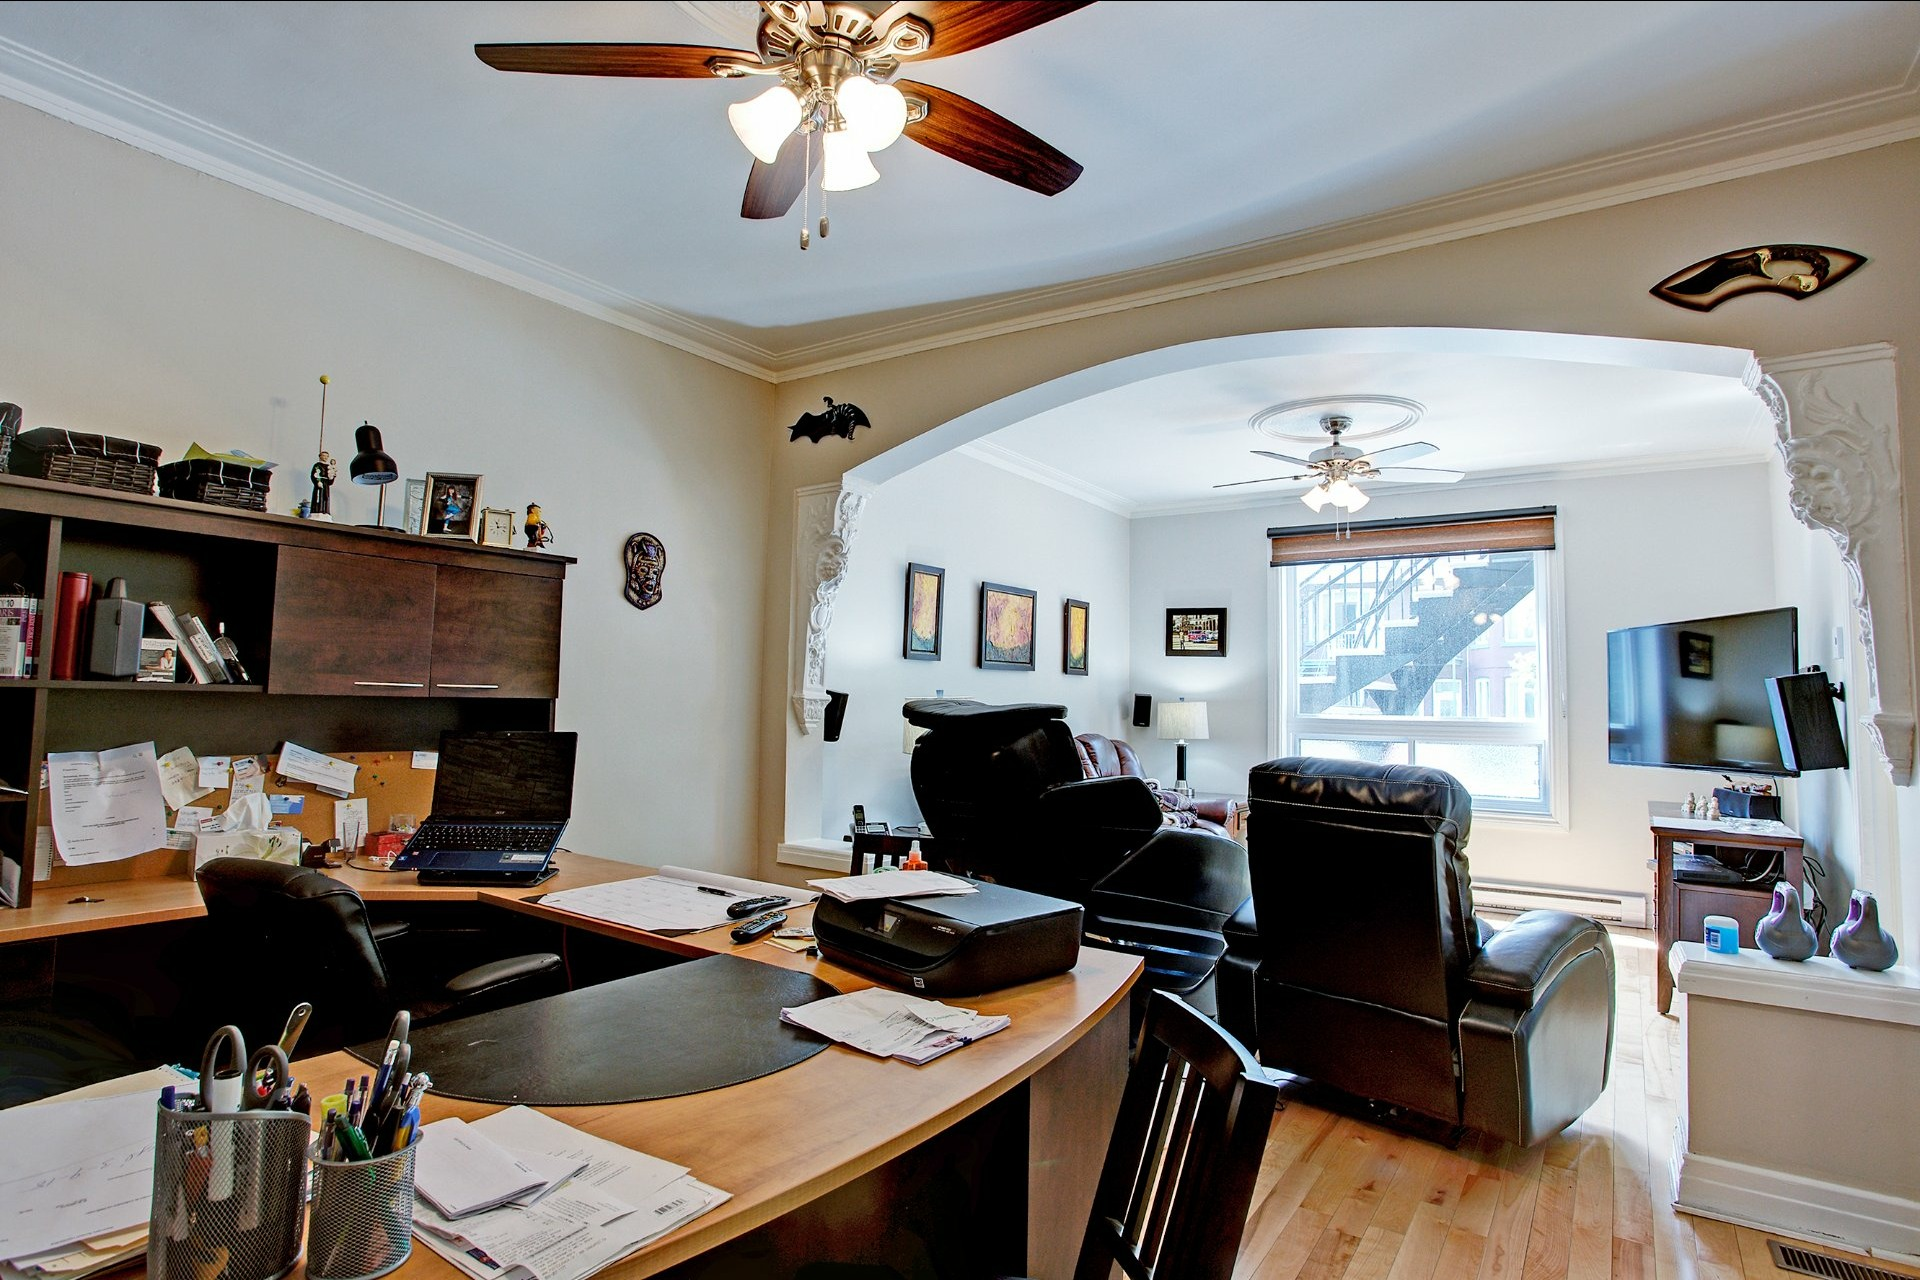 image 9 - Income property For sale Le Sud-Ouest Montréal  - 4 rooms